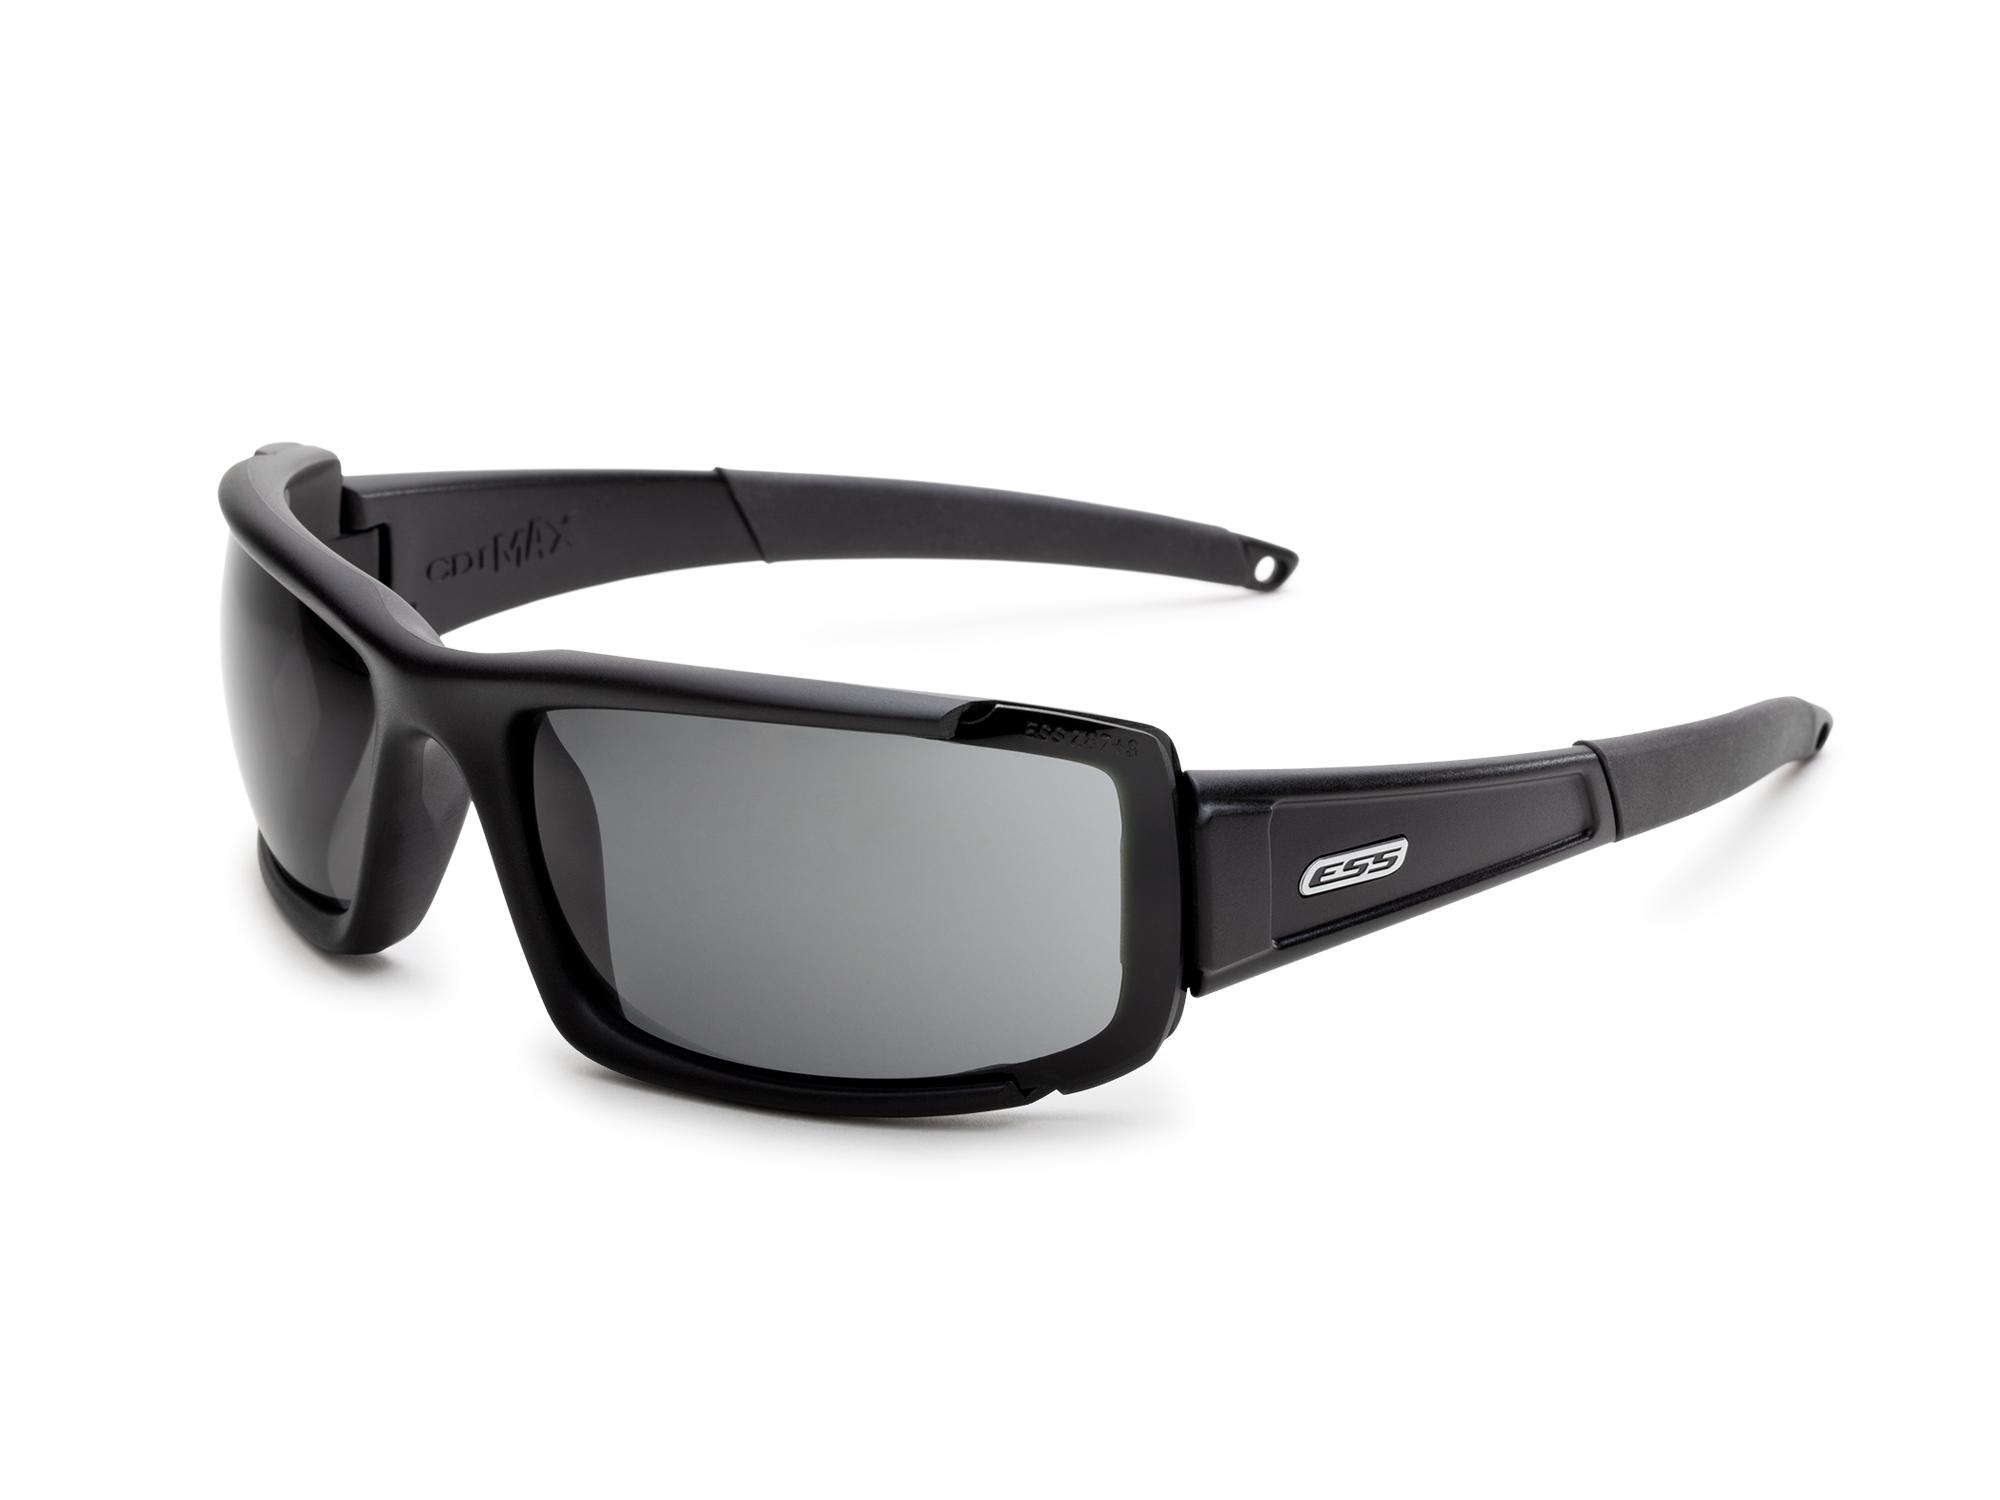 740-0297フレーム:ブラック レンズ:クリアー・スモークグレイ